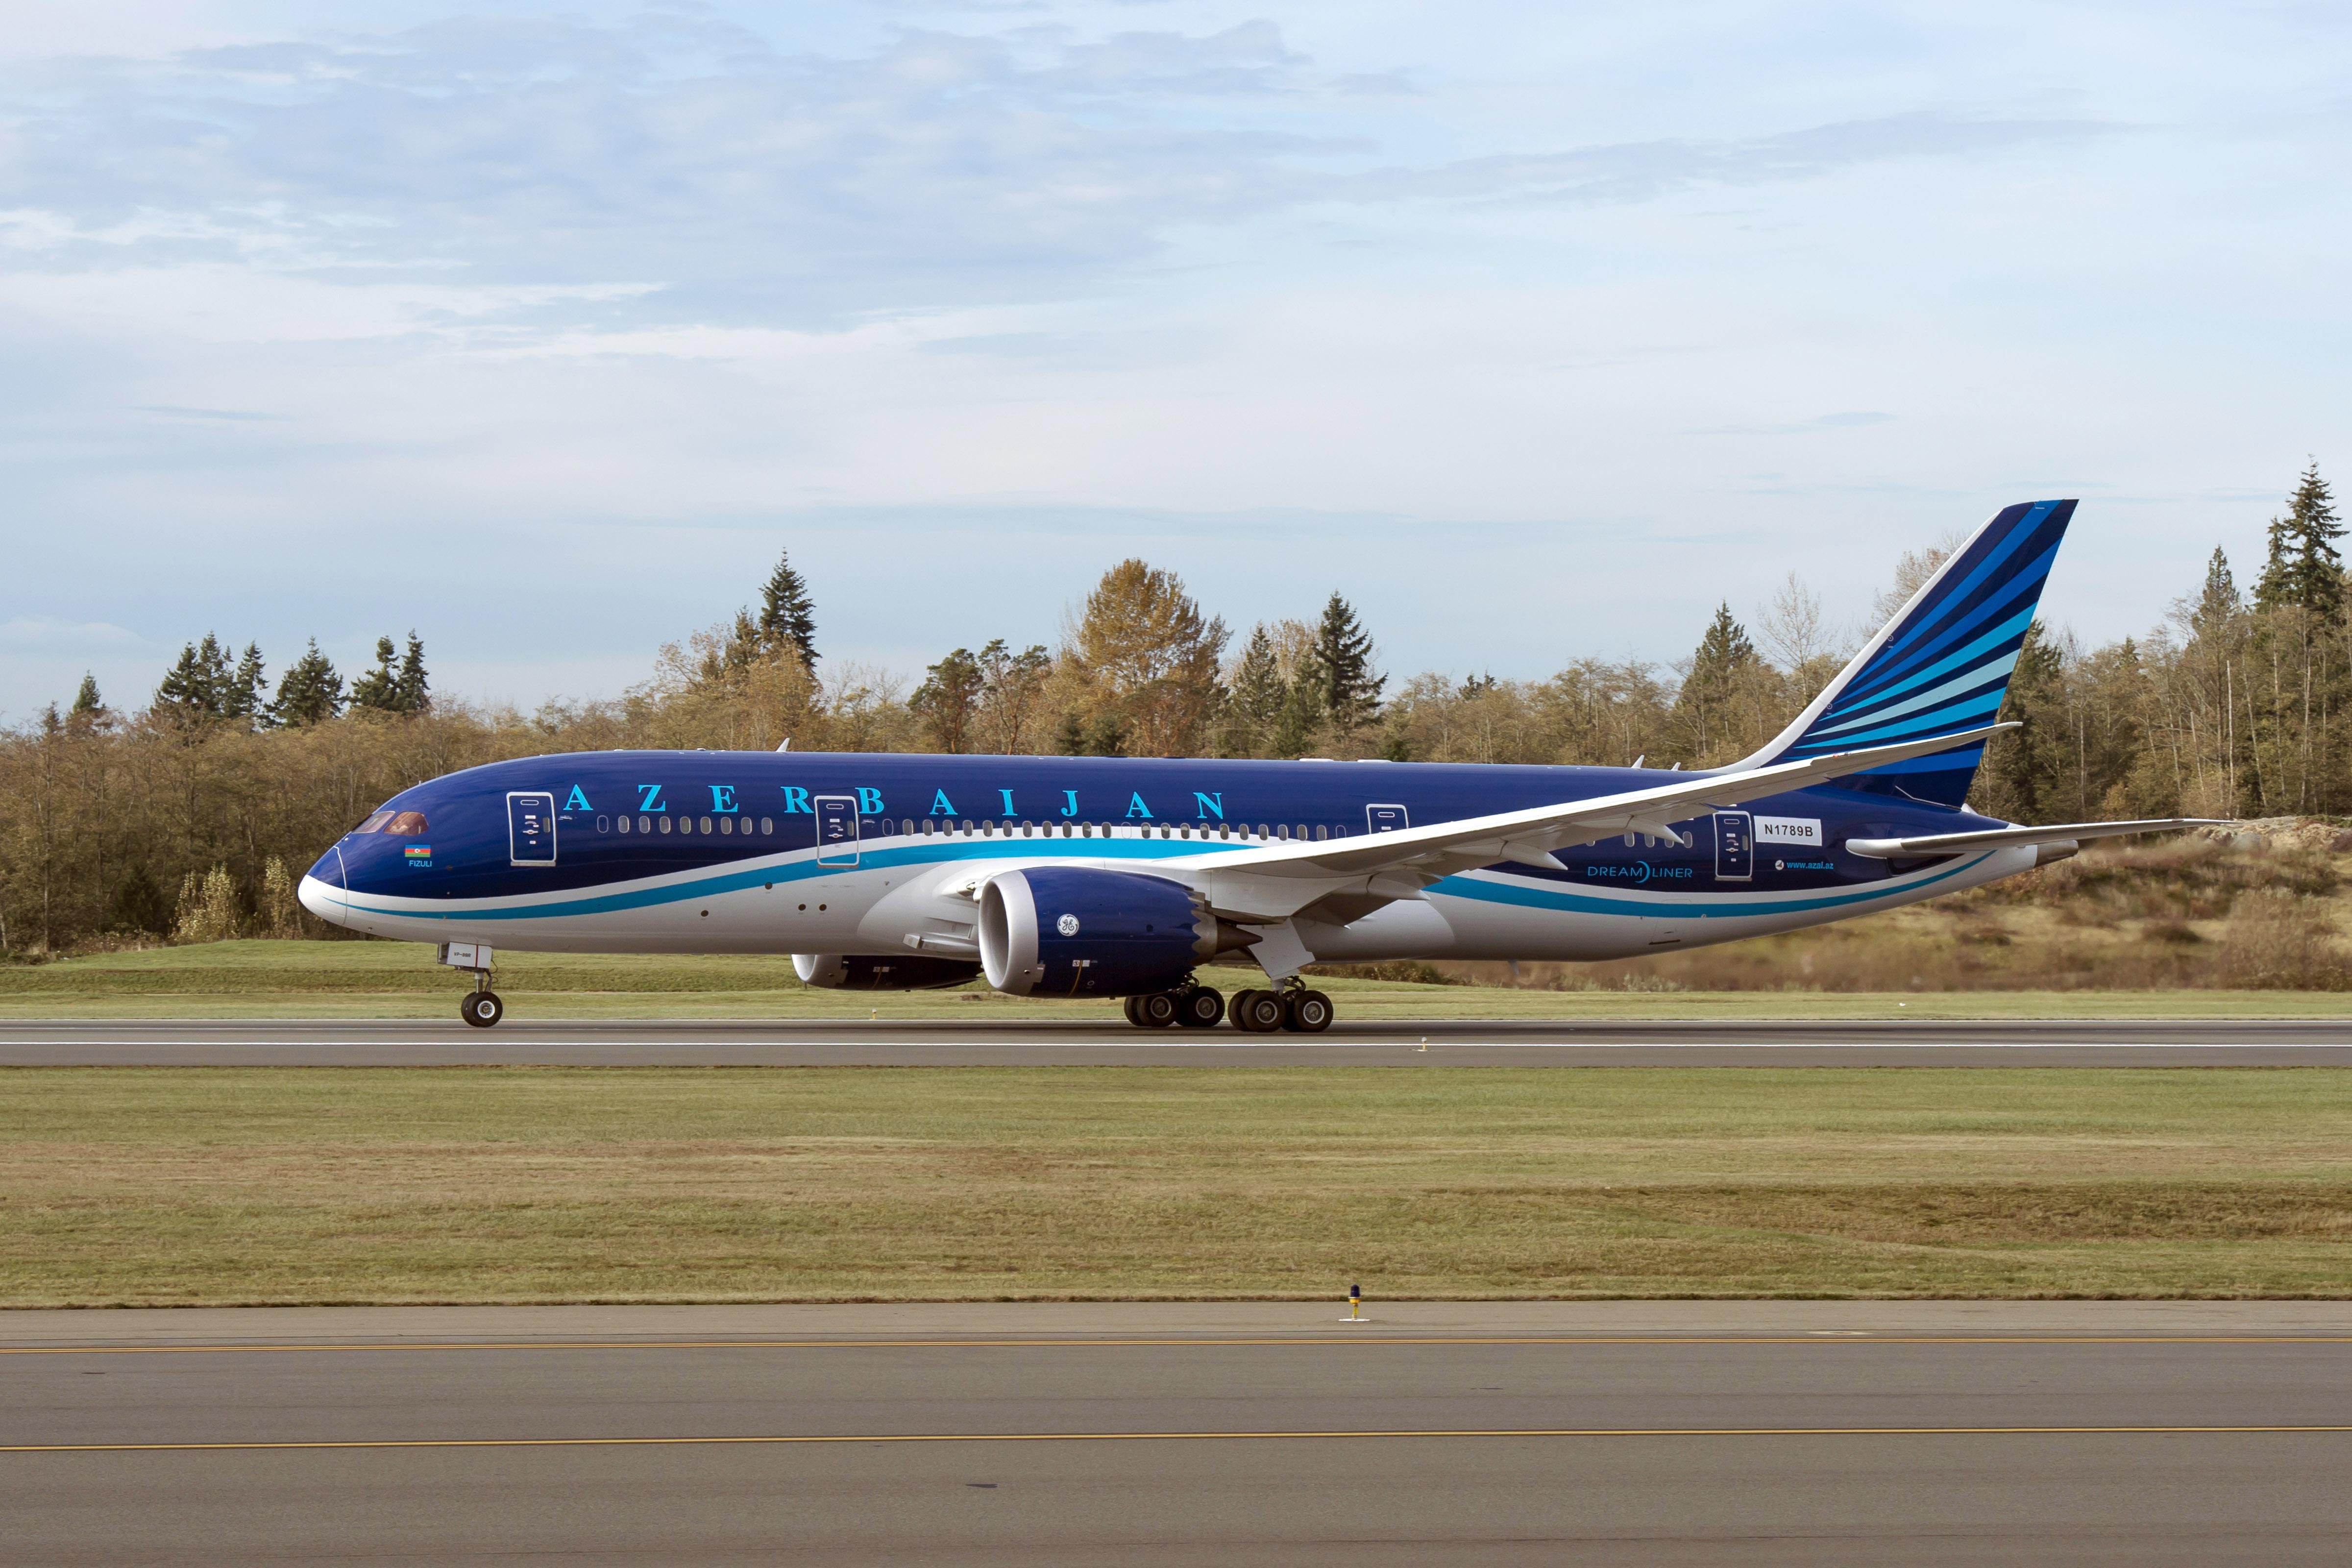 Azerbaijan Airlines 787-8